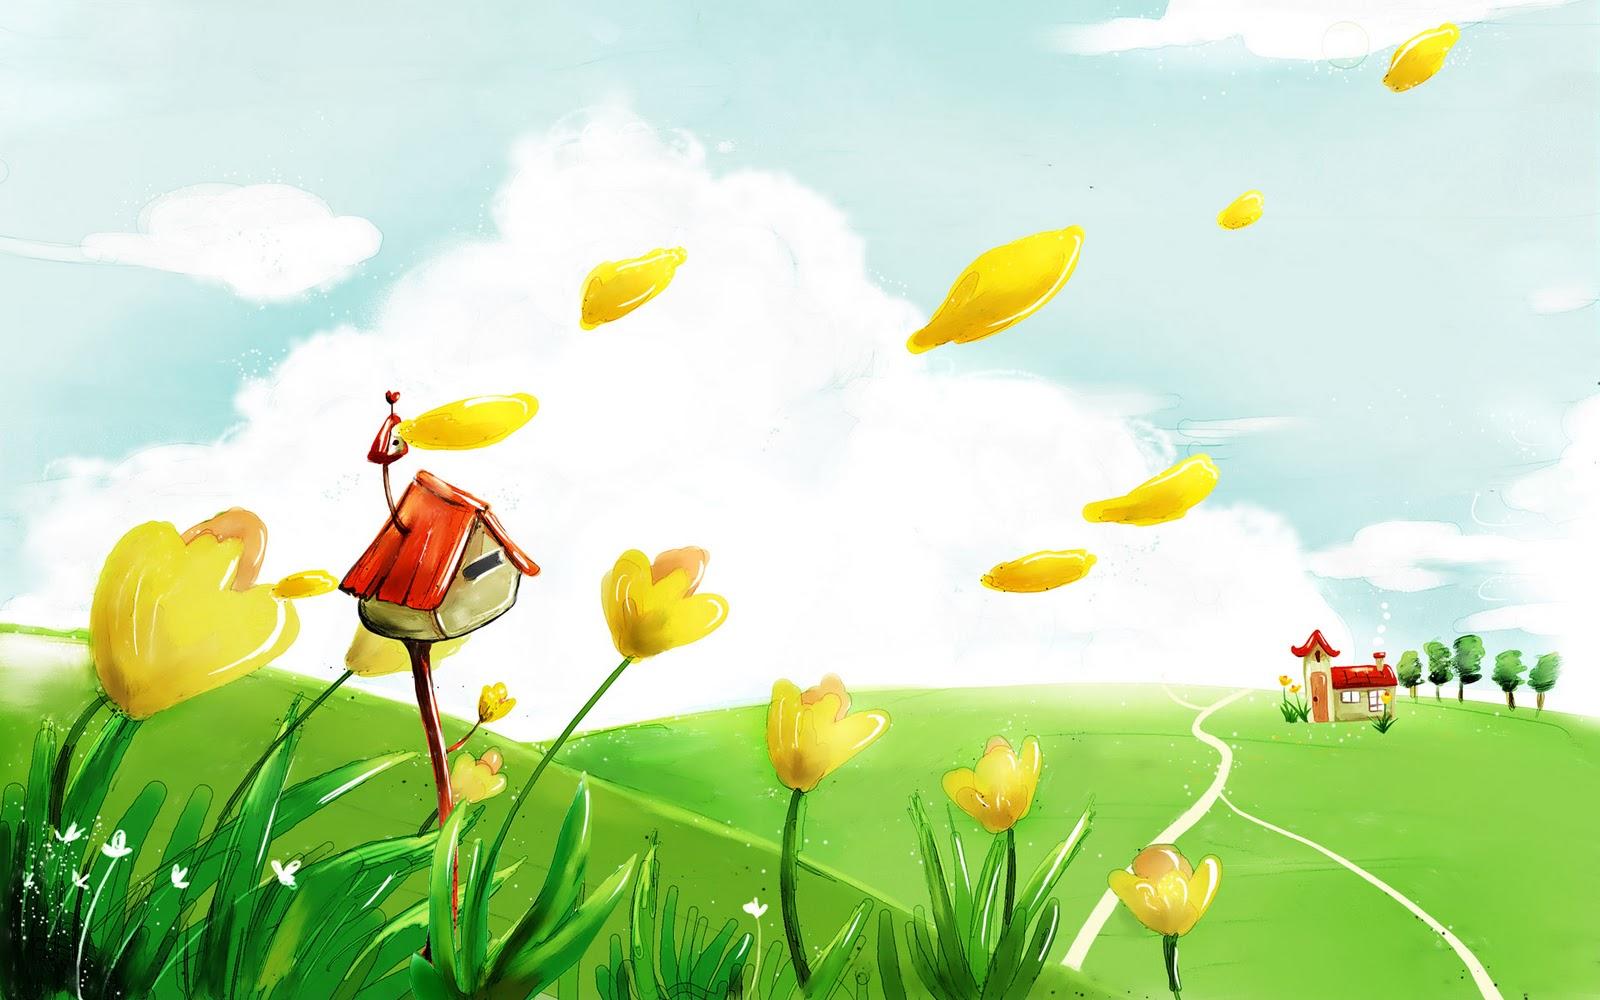 http://3.bp.blogspot.com/_g31KVvREHW4/TPh1xdv55jI/AAAAAAAABGI/HAPYuu3CLgY/s1600/Cartoon%2Bwallpapers%2B%25252813%252529.jpg